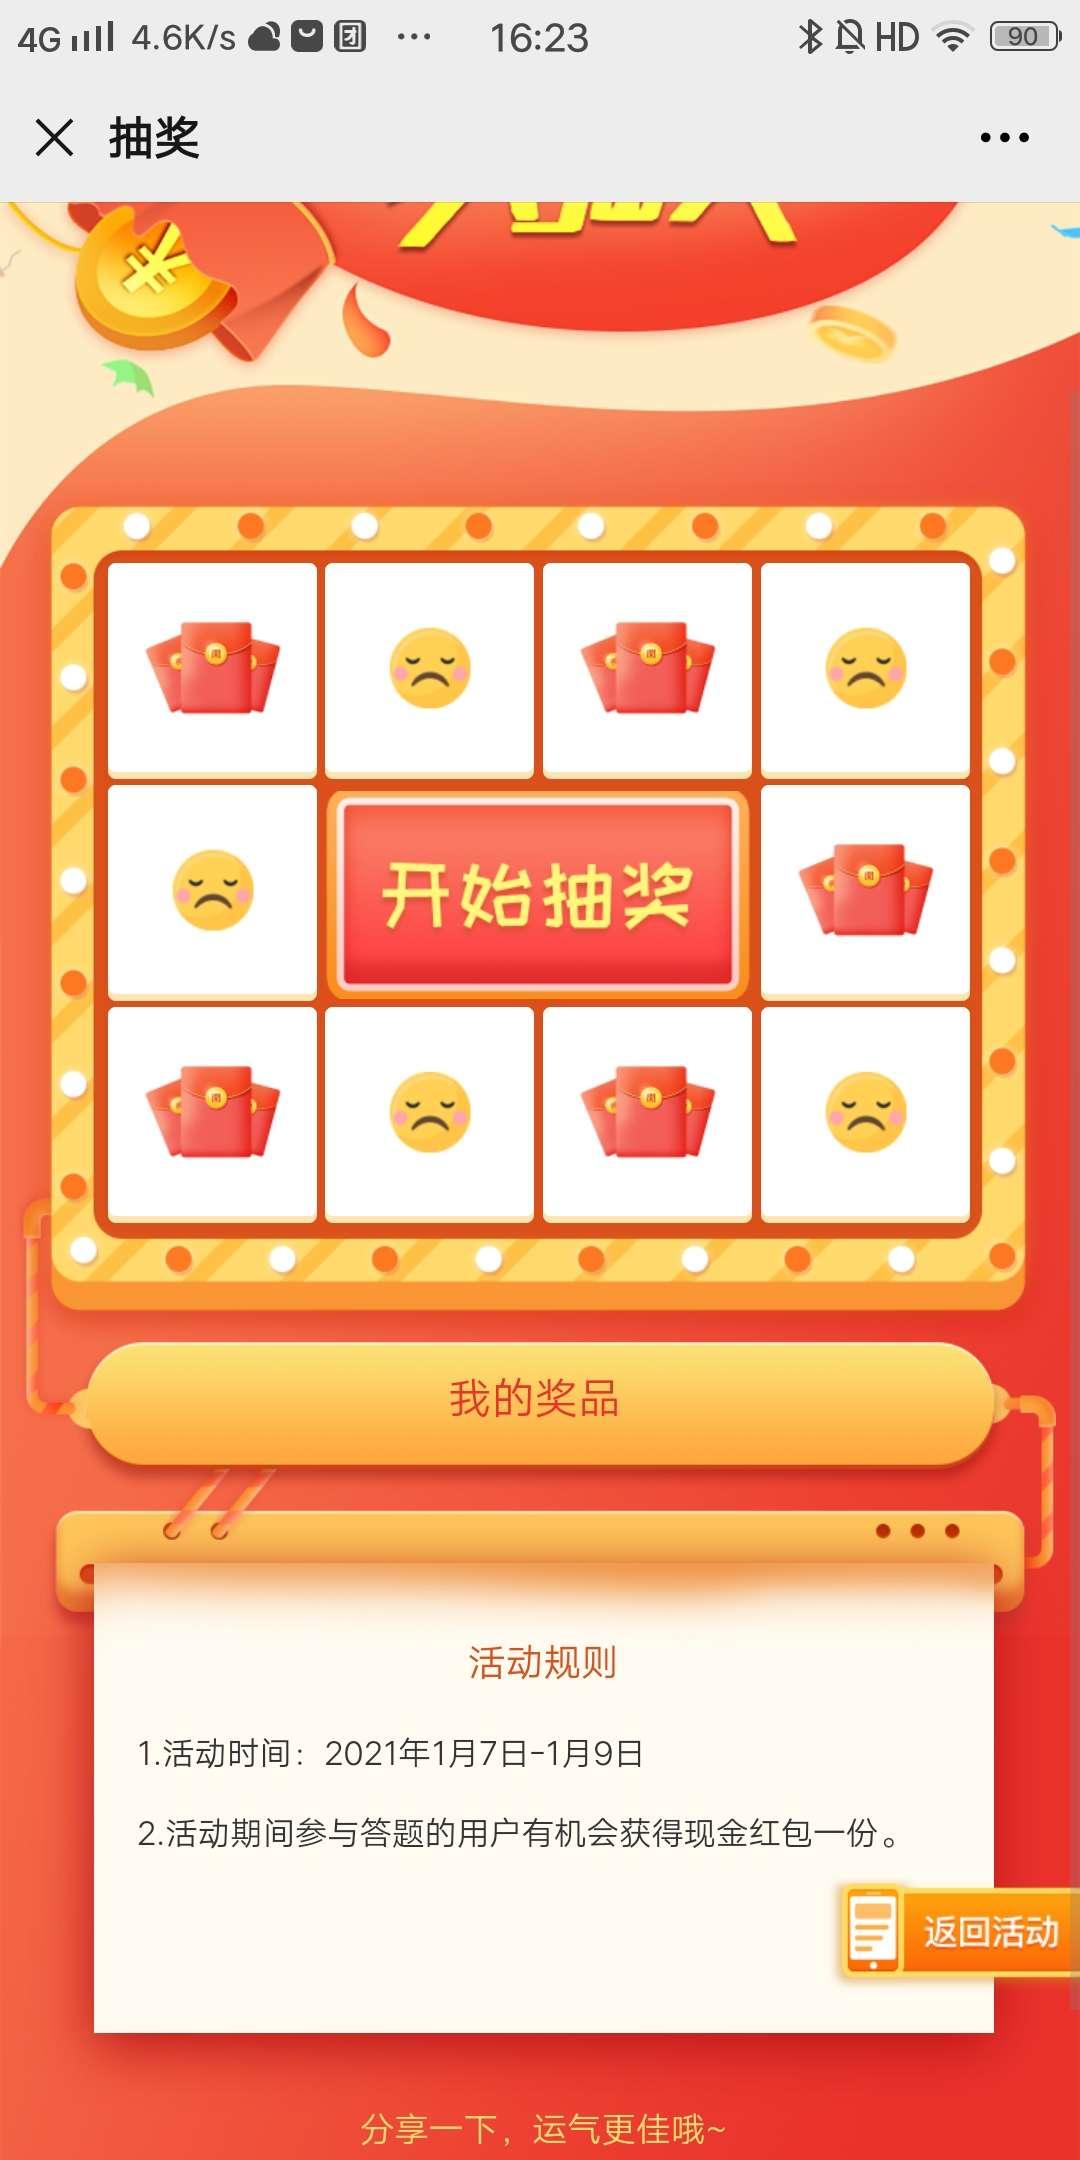 图片[2]-江苏省私了个协会答题抽红包-老友薅羊毛活动线报网